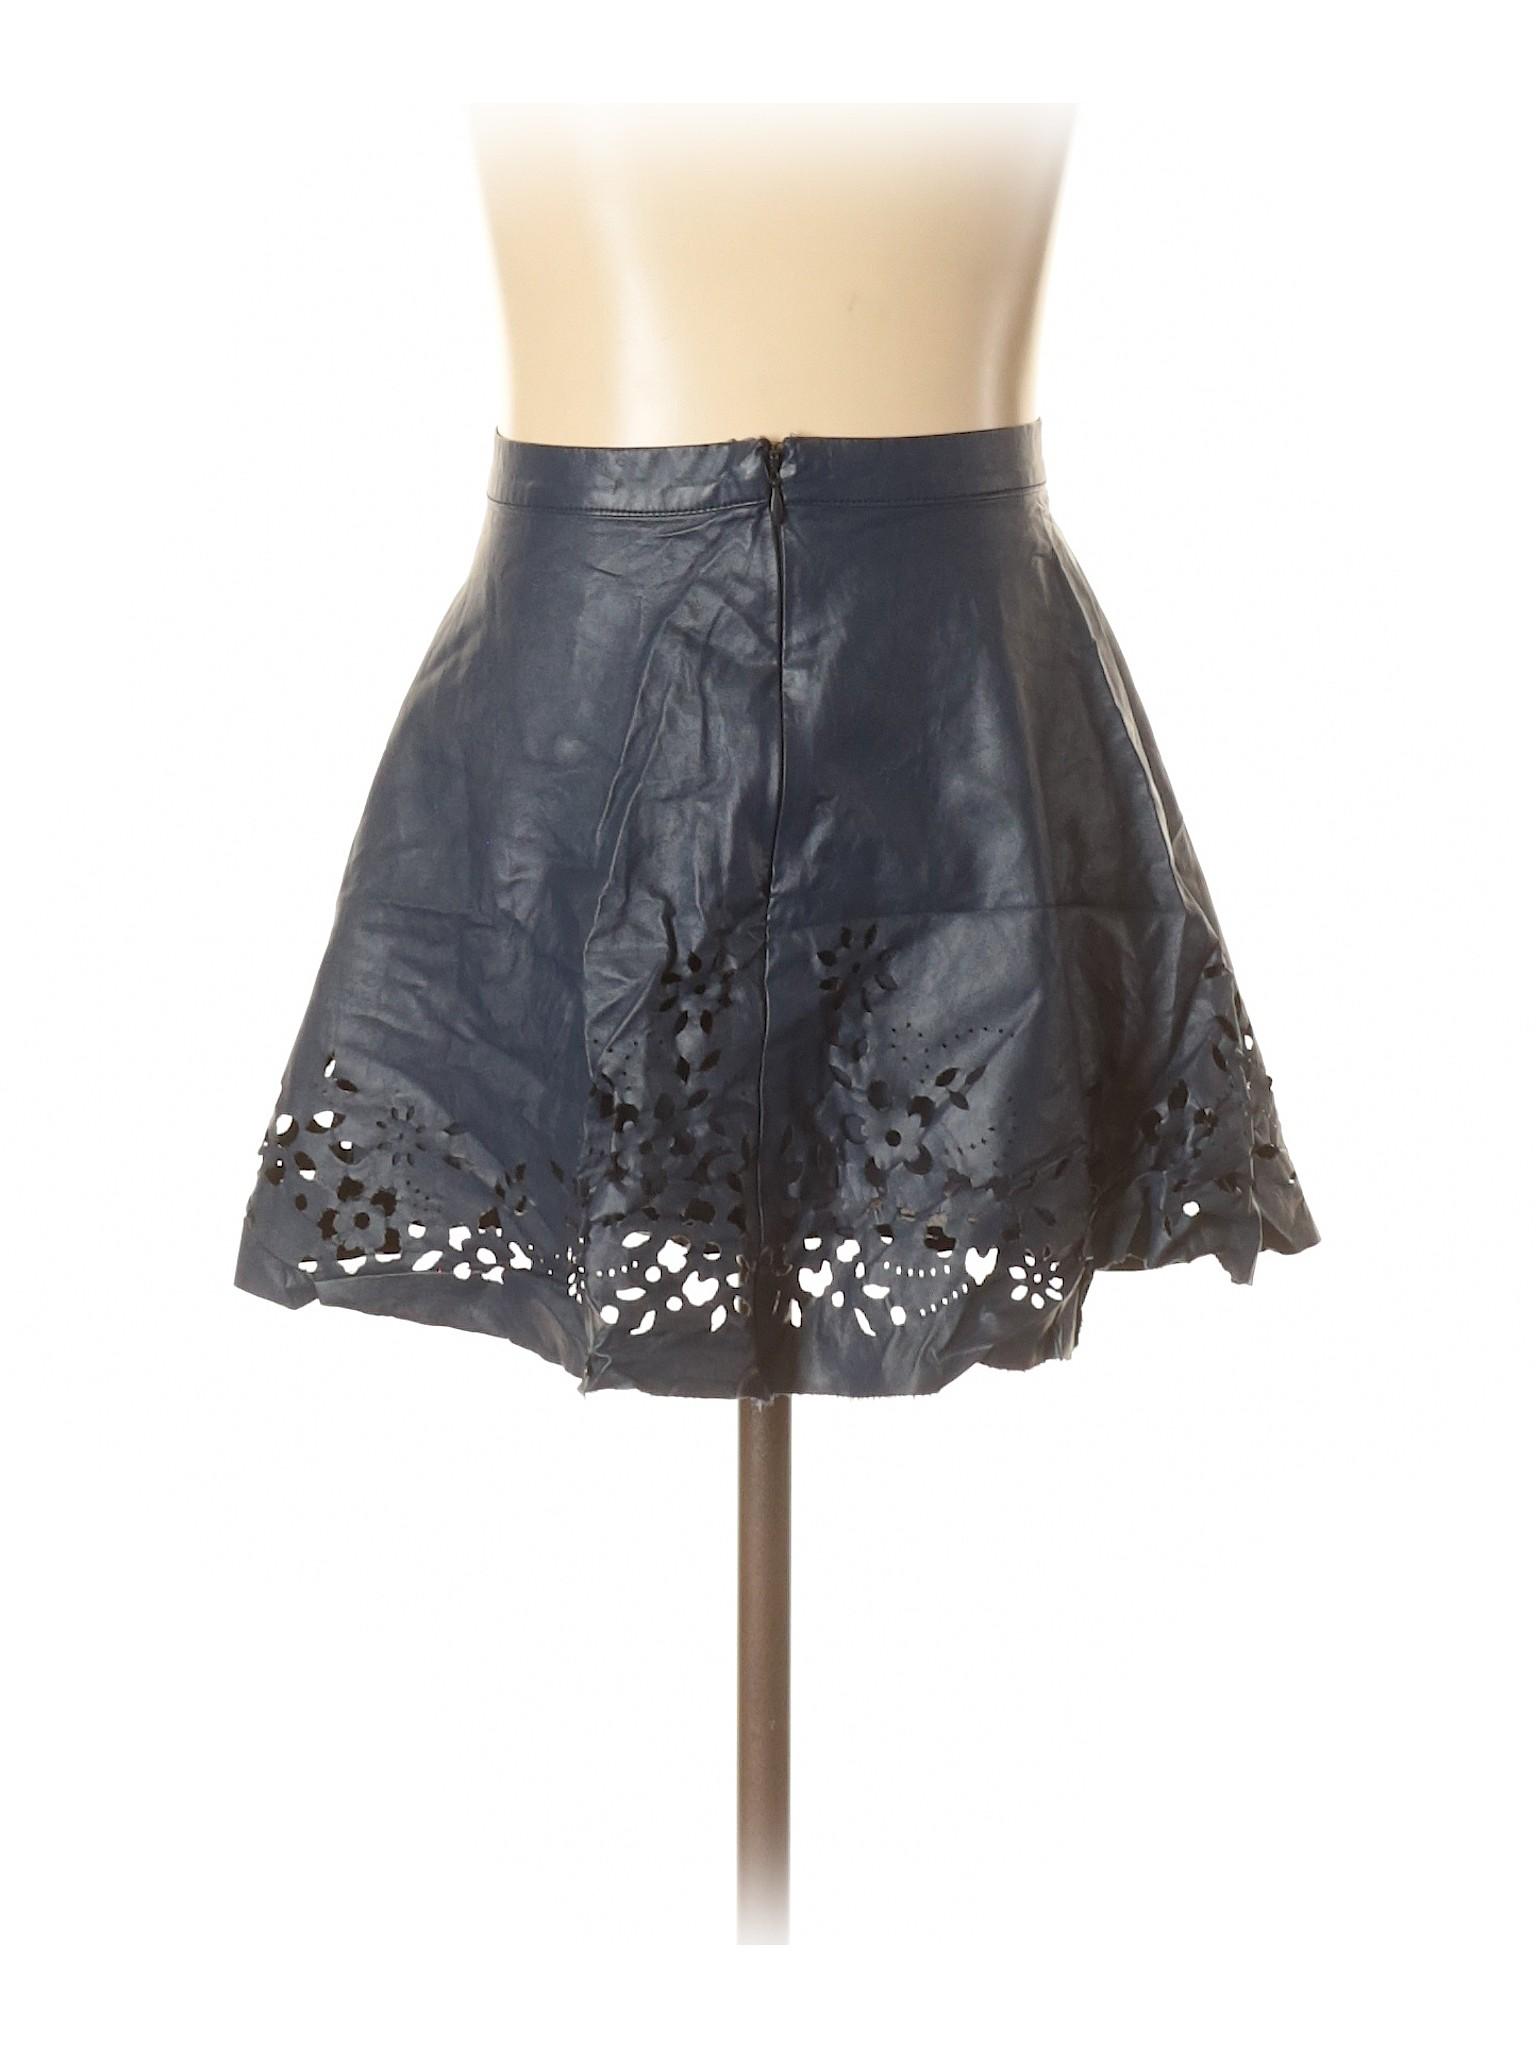 Boutique Faux Boutique Boutique Leather Skirt Skirt Boutique Faux Faux Skirt Leather Faux Leather afqwZ